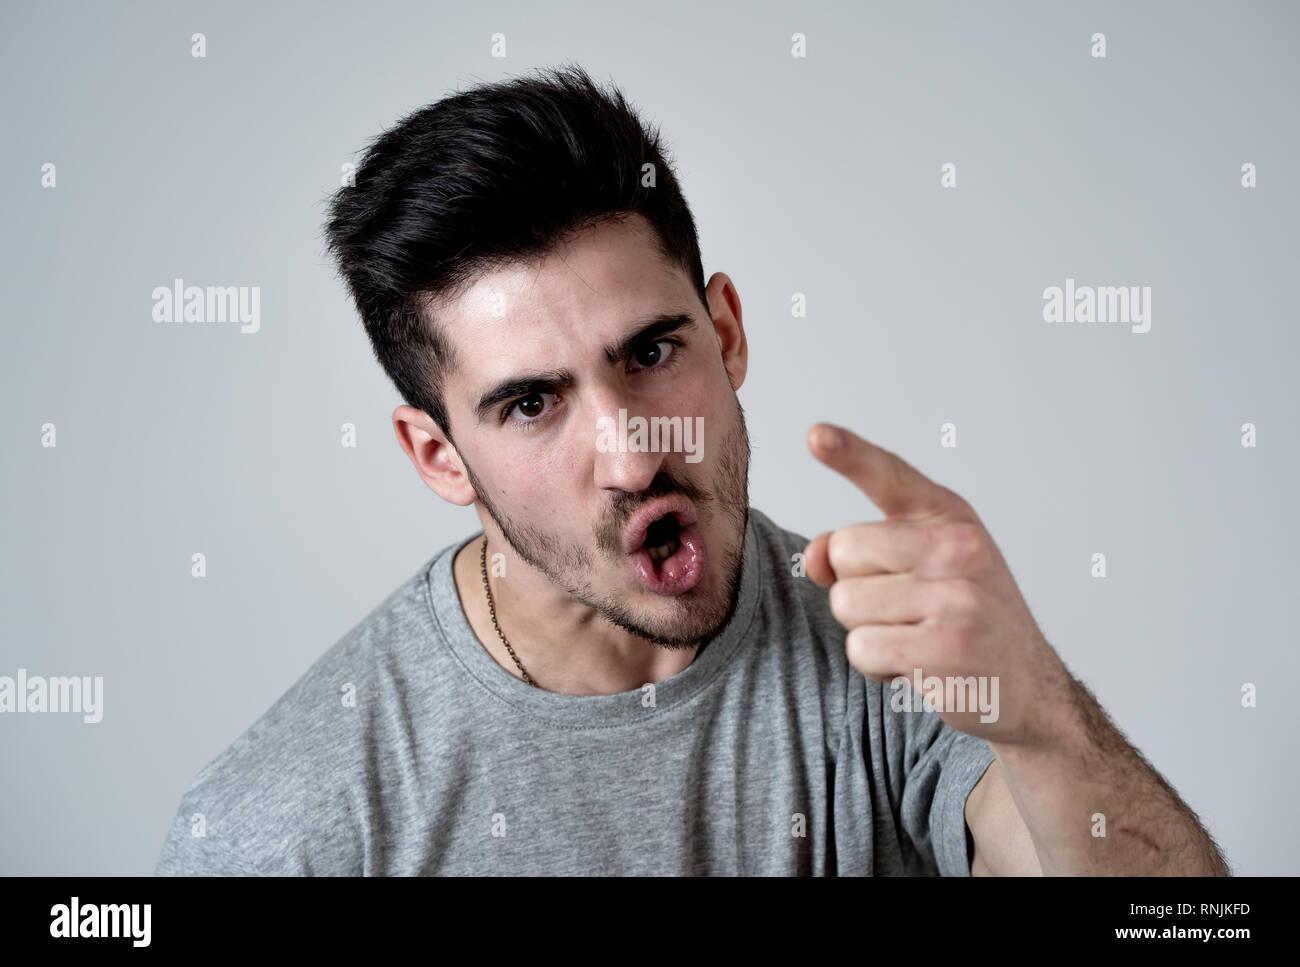 Close up portrait of young man with violence à visage en colère et fou furieux montrant adapte et doigt à la caméra. Les droits de l'expressi faciale Photo Stock